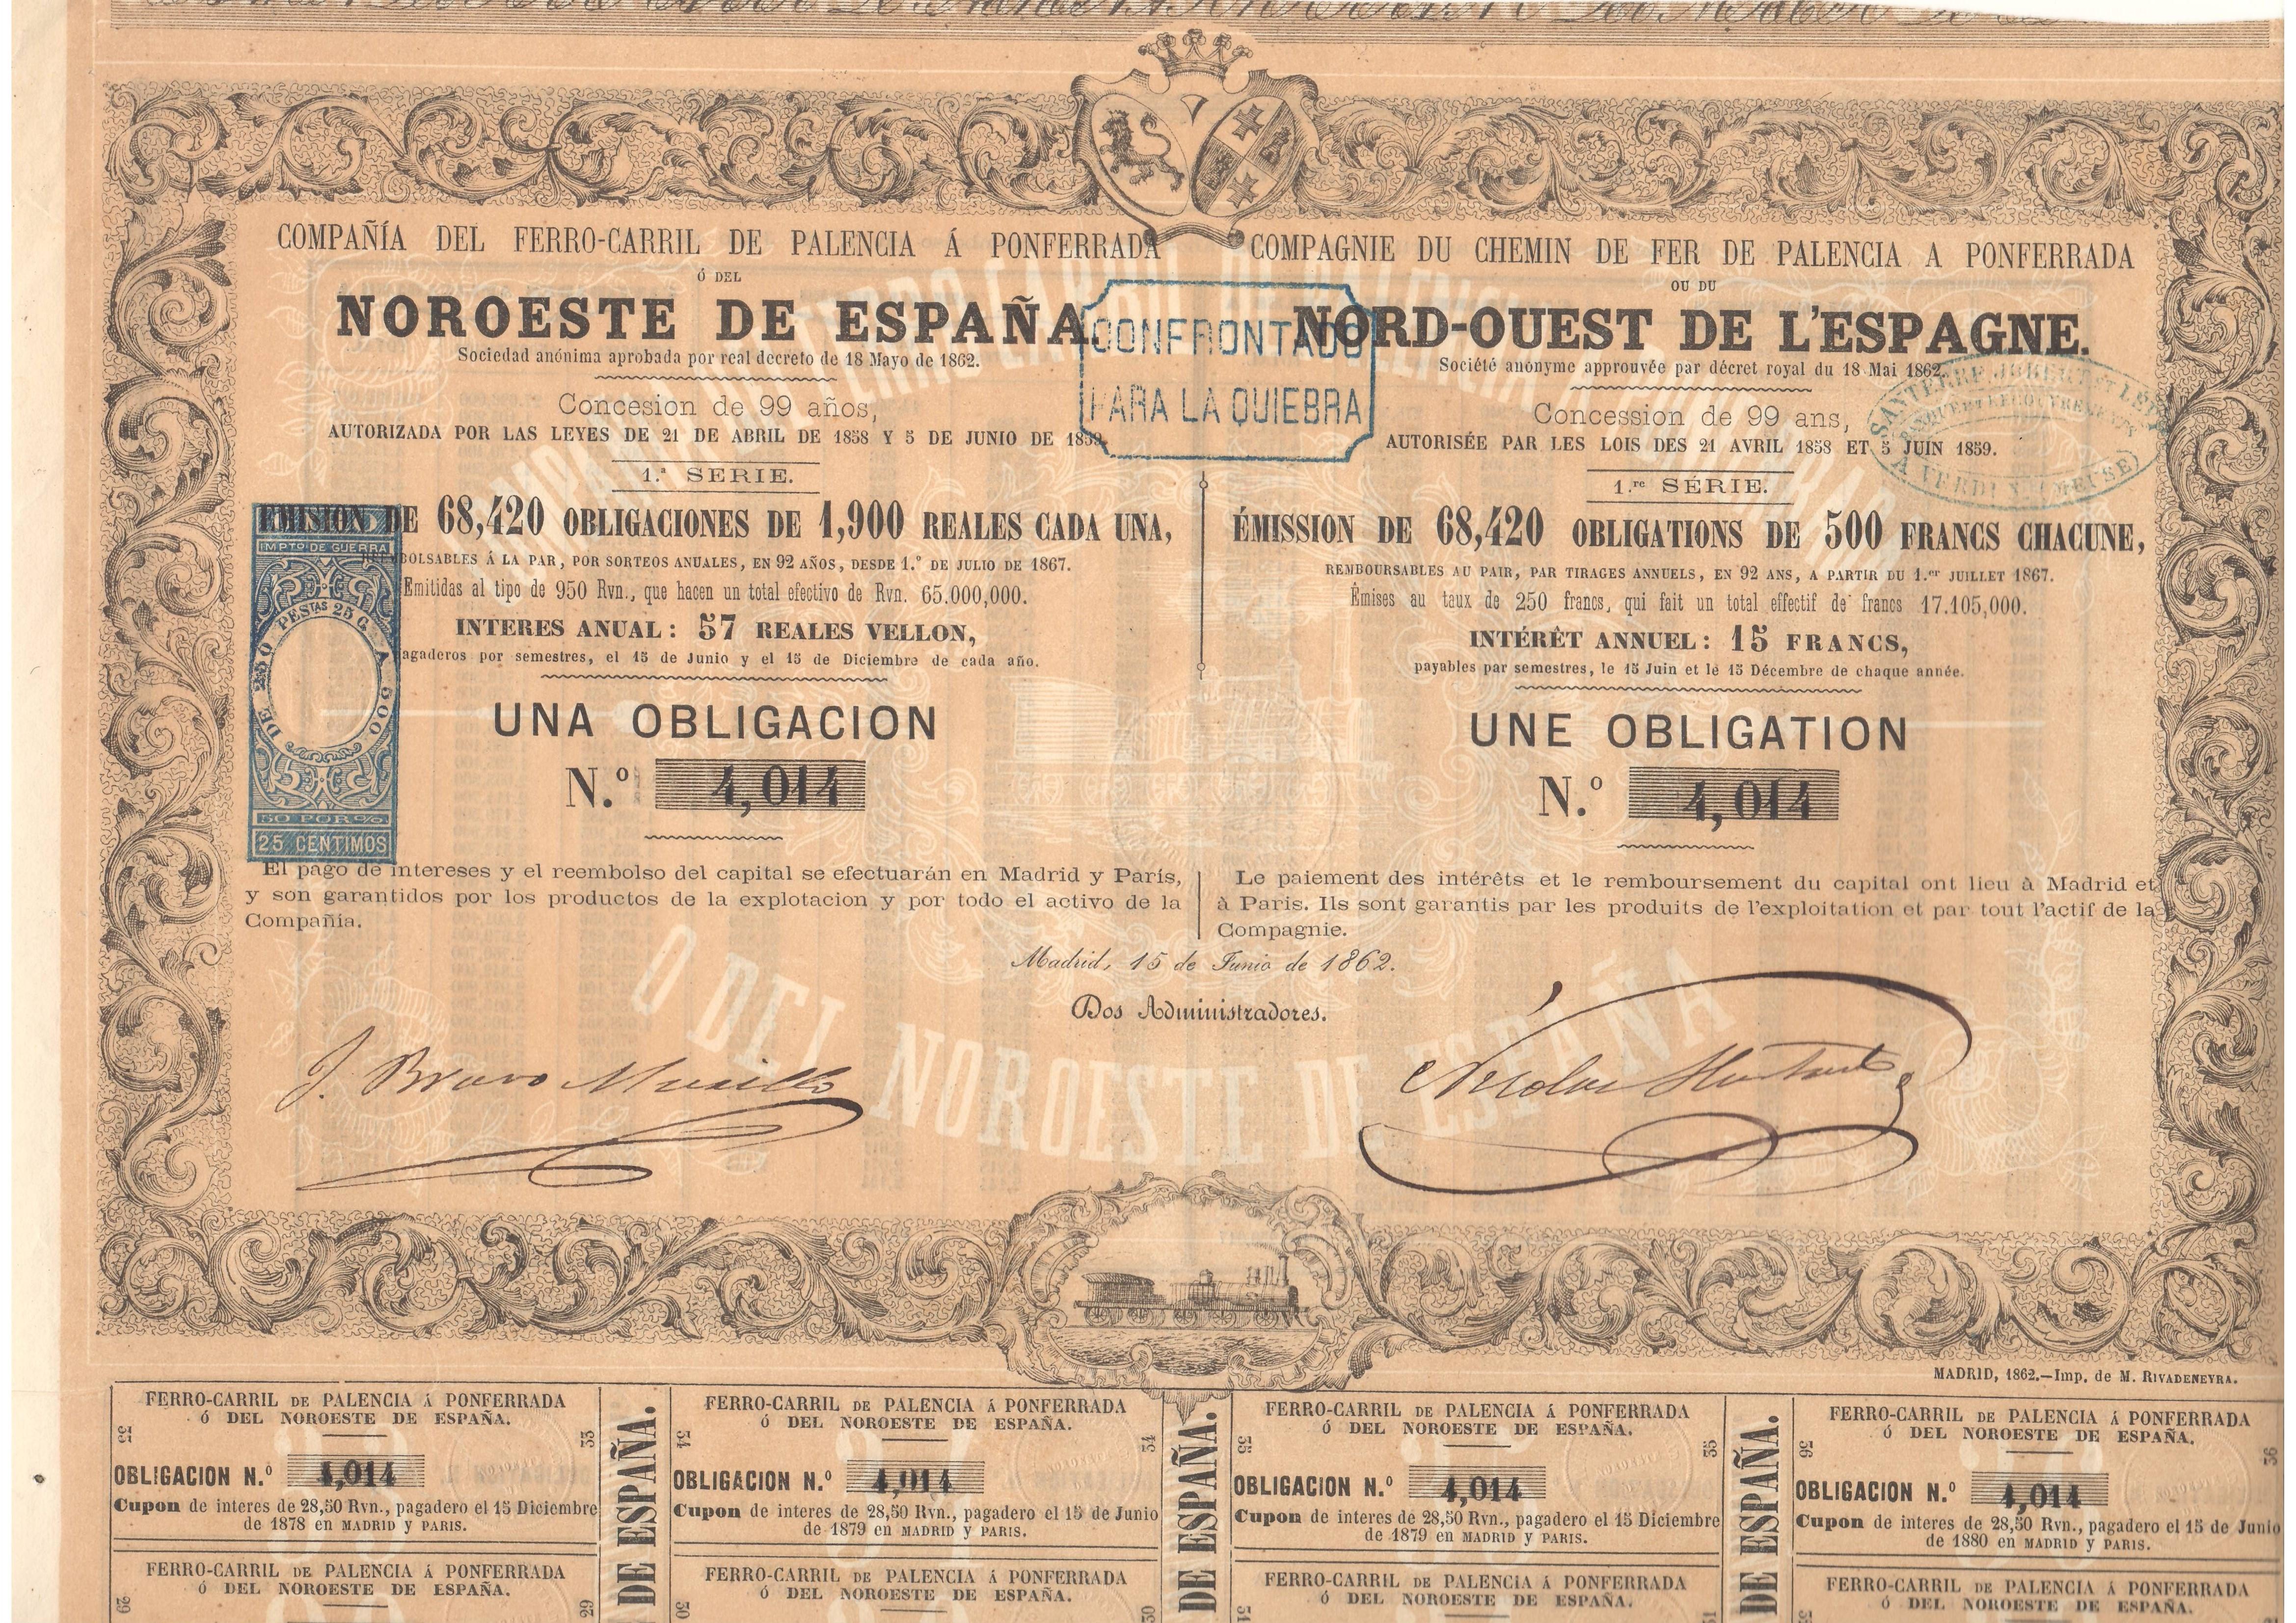 Compañía del Ferrocarril de Palencia a Ponferrada o del Noroeste de España